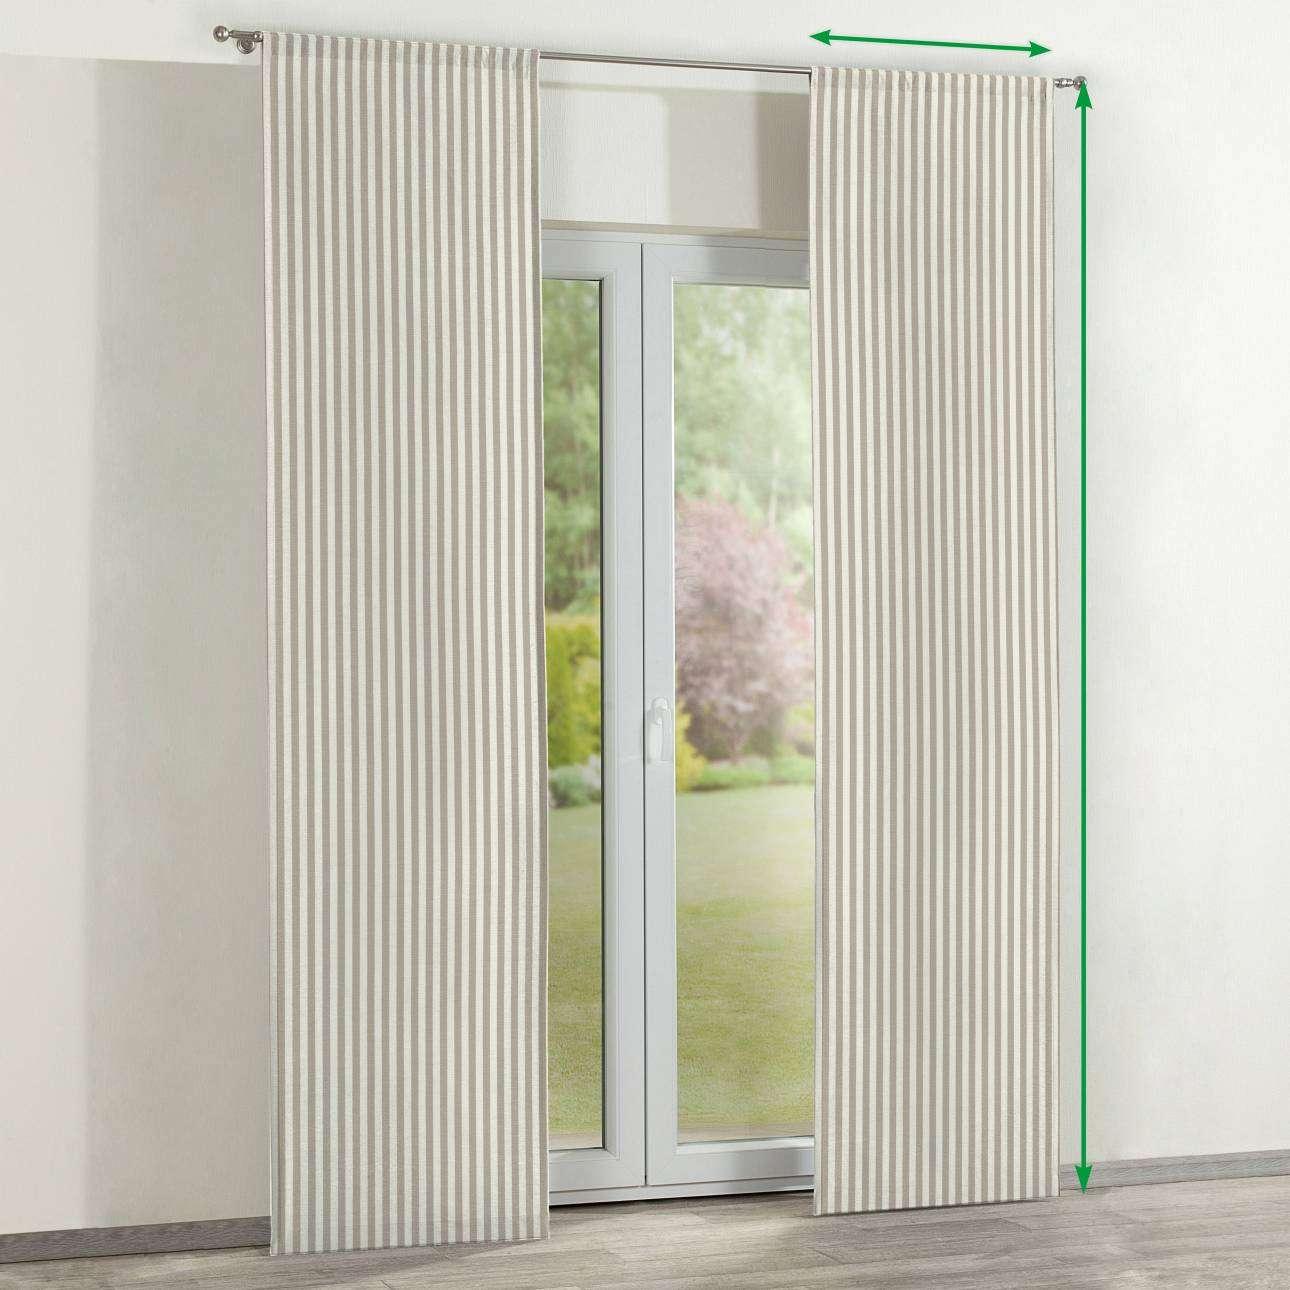 Zasłony panelowe 2 szt. w kolekcji Quadro, tkanina: 136-07